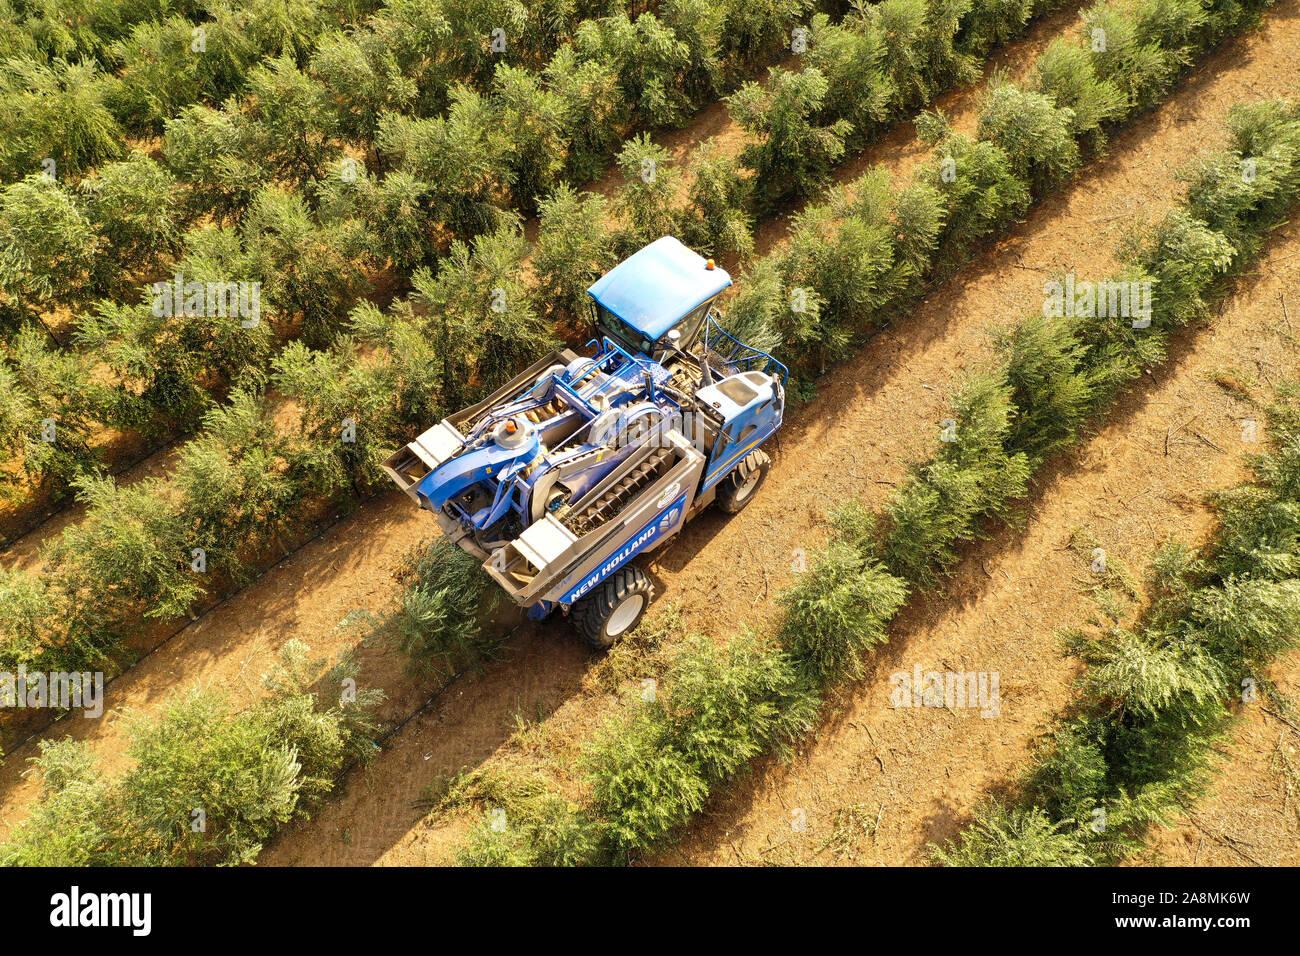 New Holland cosechadora de olivo en un campo de trabajo, vista aérea. Foto de stock